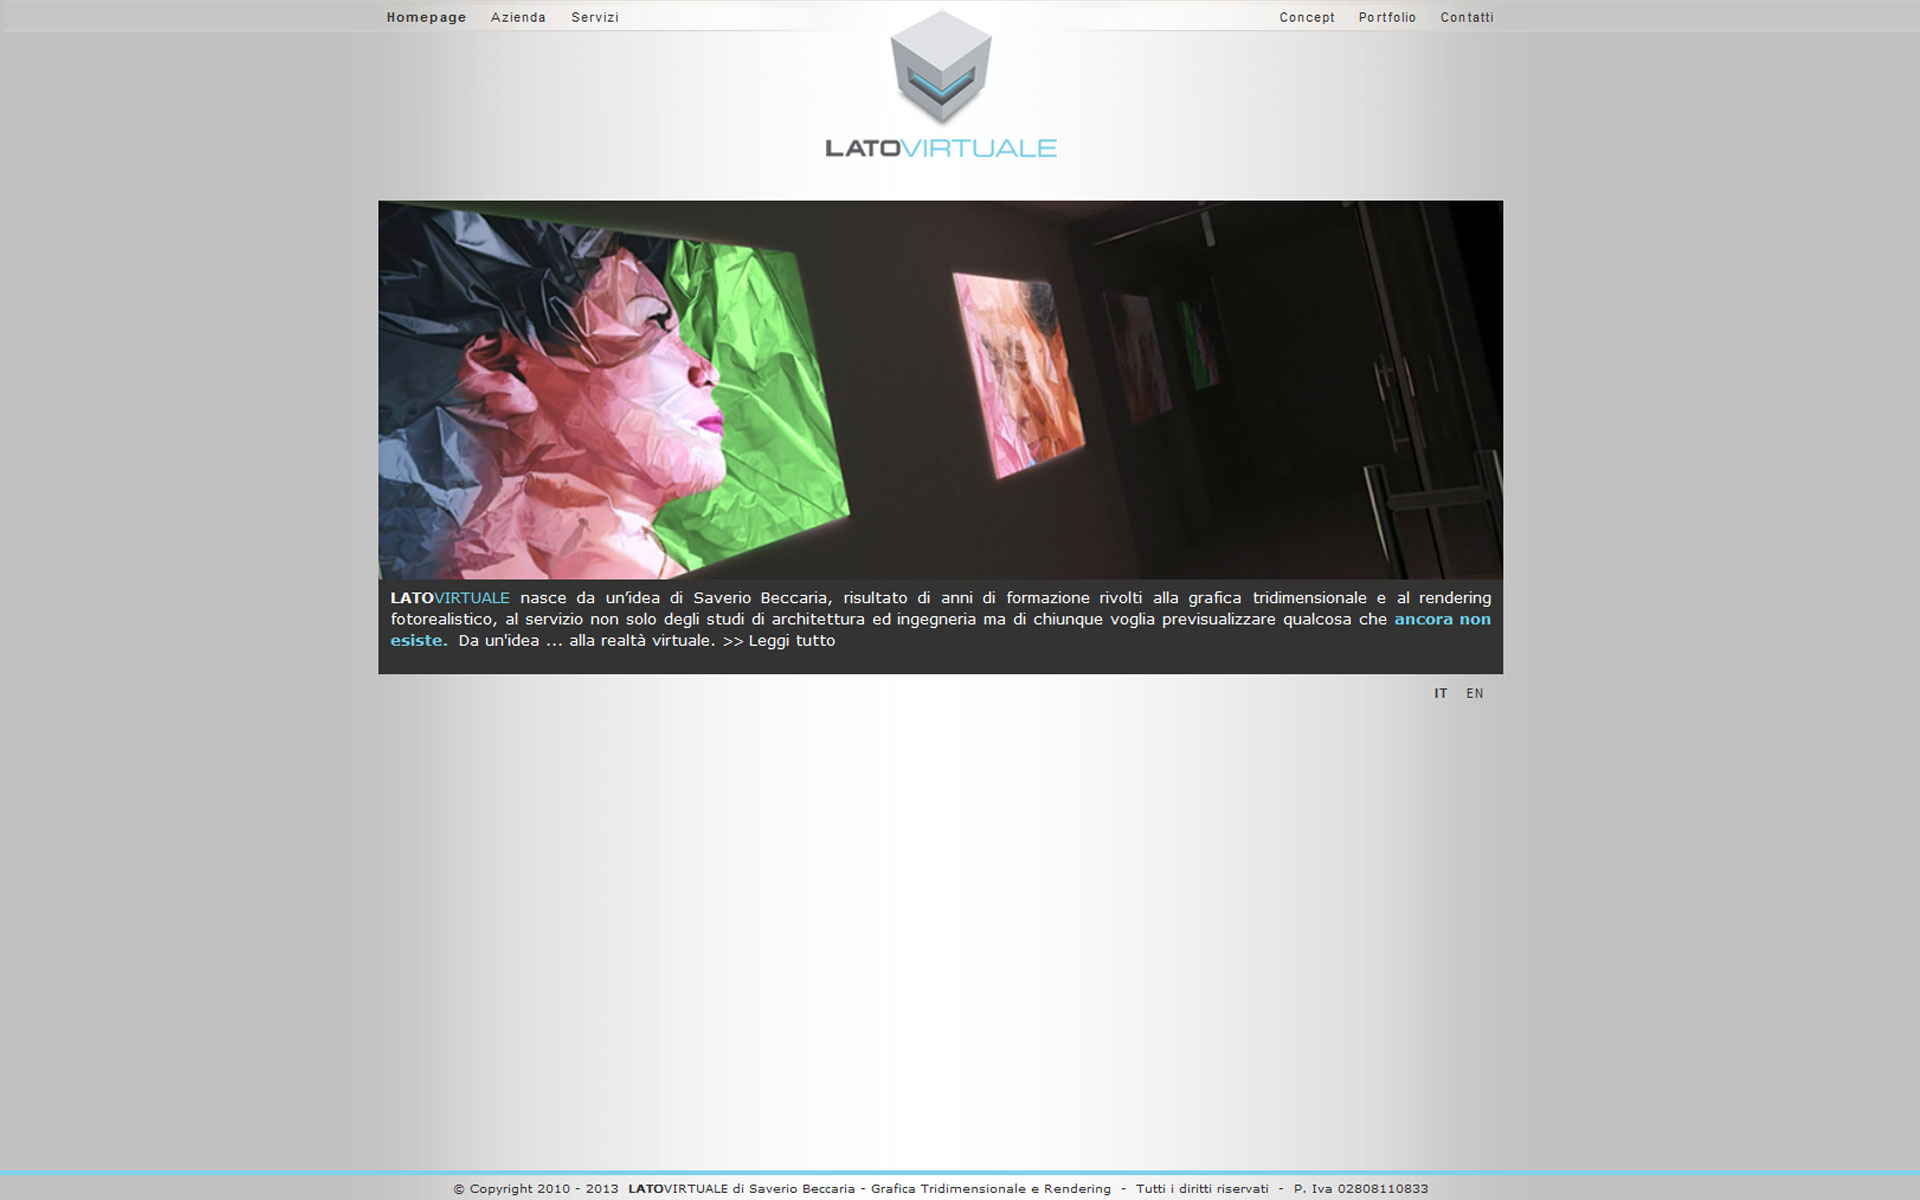 Lato Virtuale